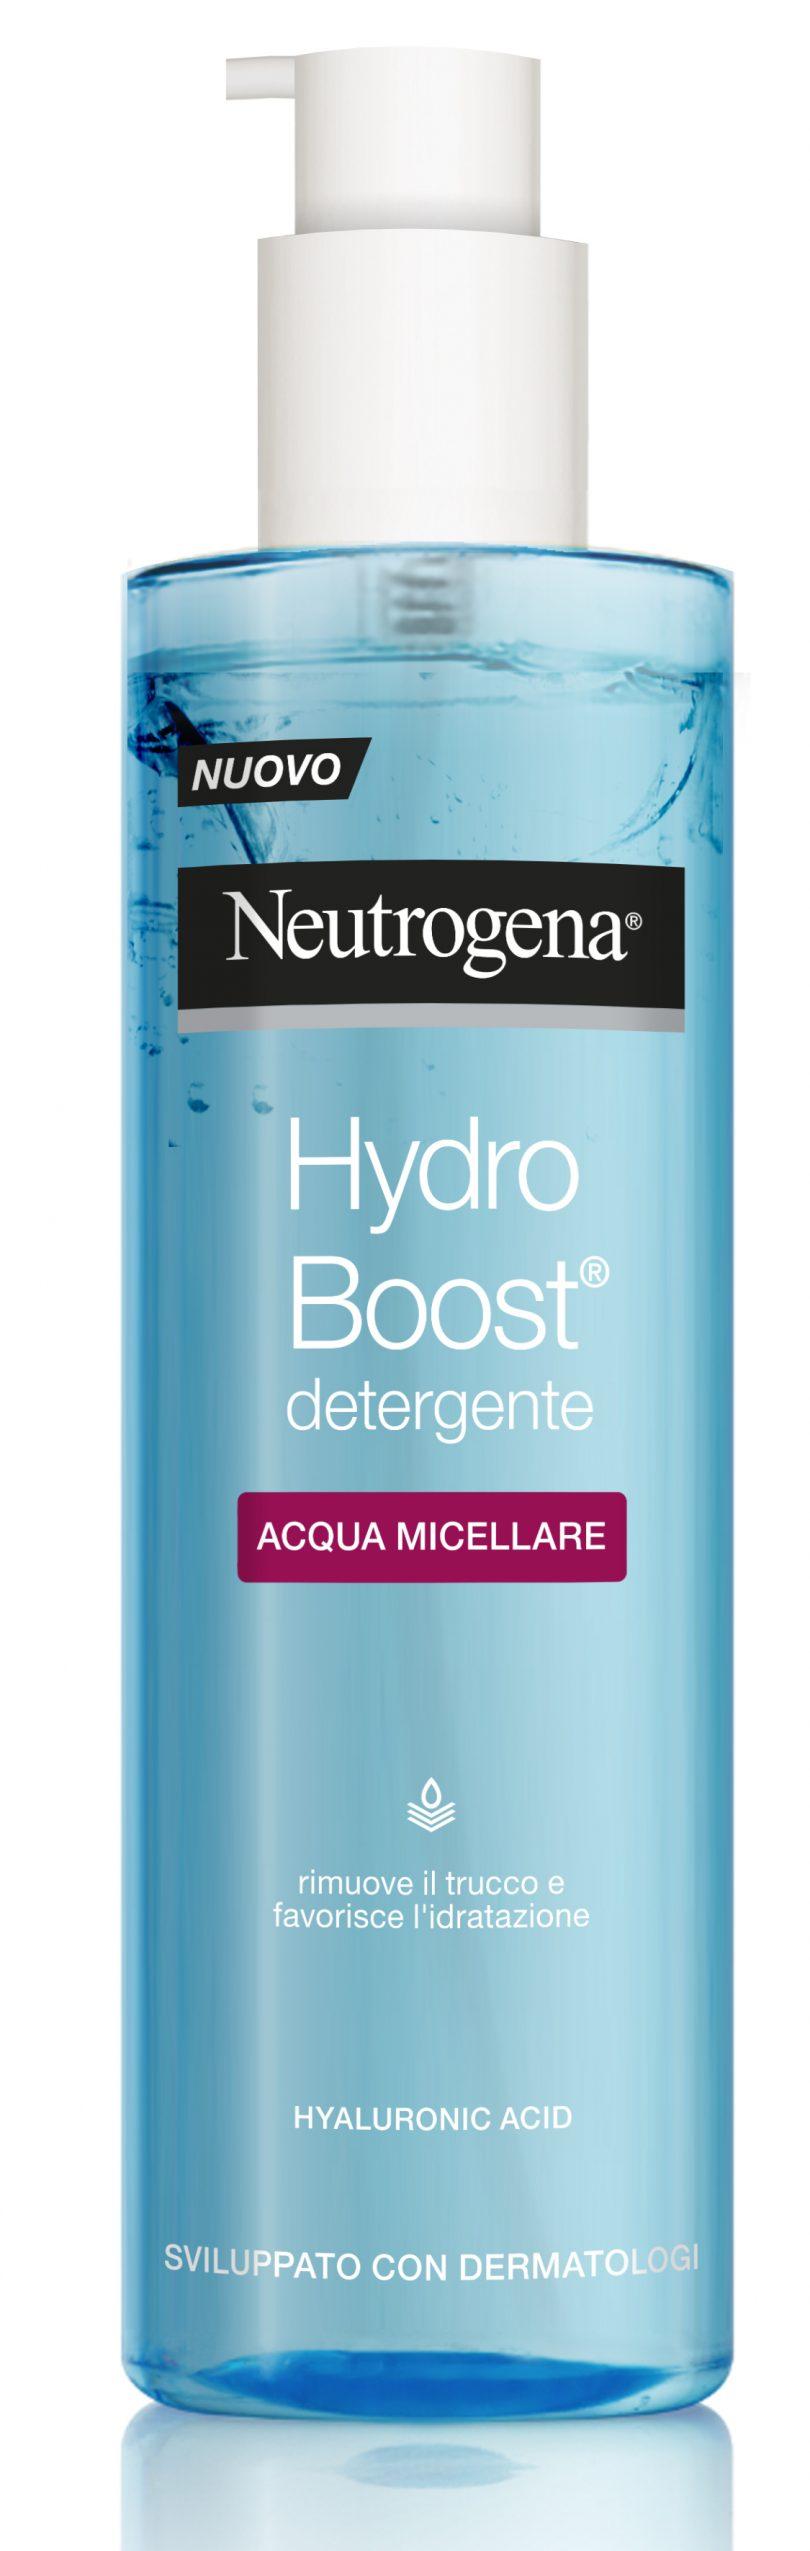 Acqua Micellare Hydro Boost Neutrogena